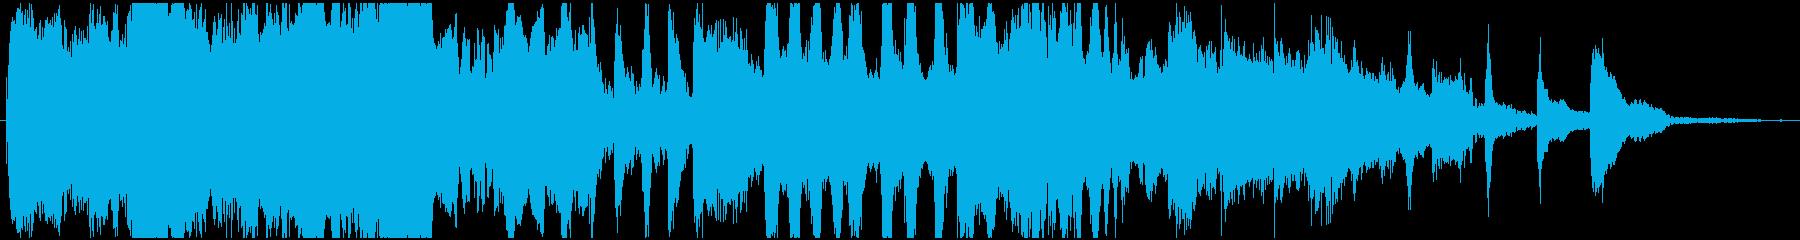 可愛らしいオーケストラワルツのジングルの再生済みの波形